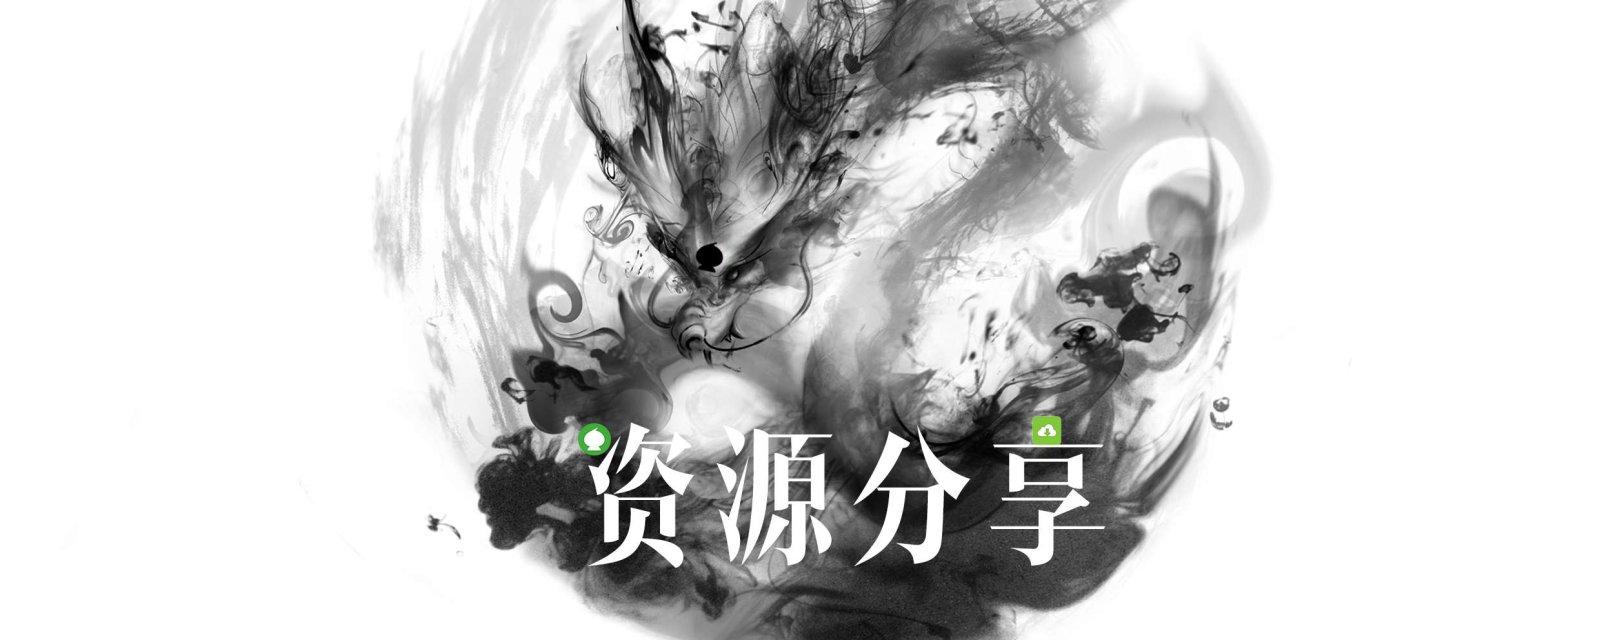 【资源分享】秀秀视频剪辑(快速剪辑视频)